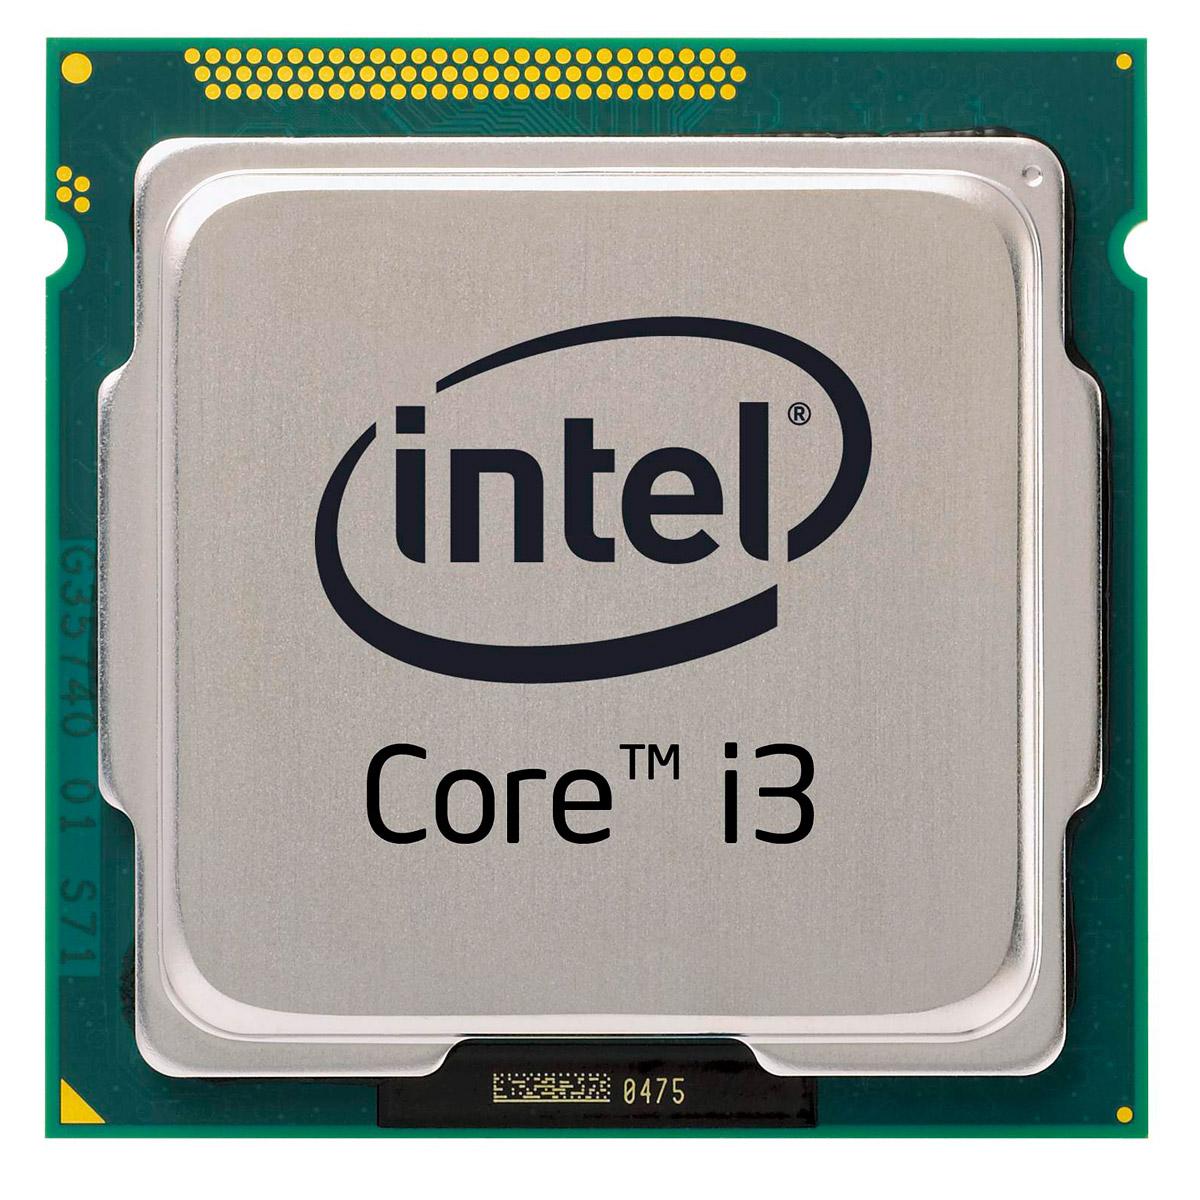 Processeur Intel Core i3-3240 (3.4 GHz) Processeur Dual Core Socket 1155 Cache L3 3 Mo Intel HD Graphics 2500 0.022 micron (version boîte - garantie Intel 3 ans)